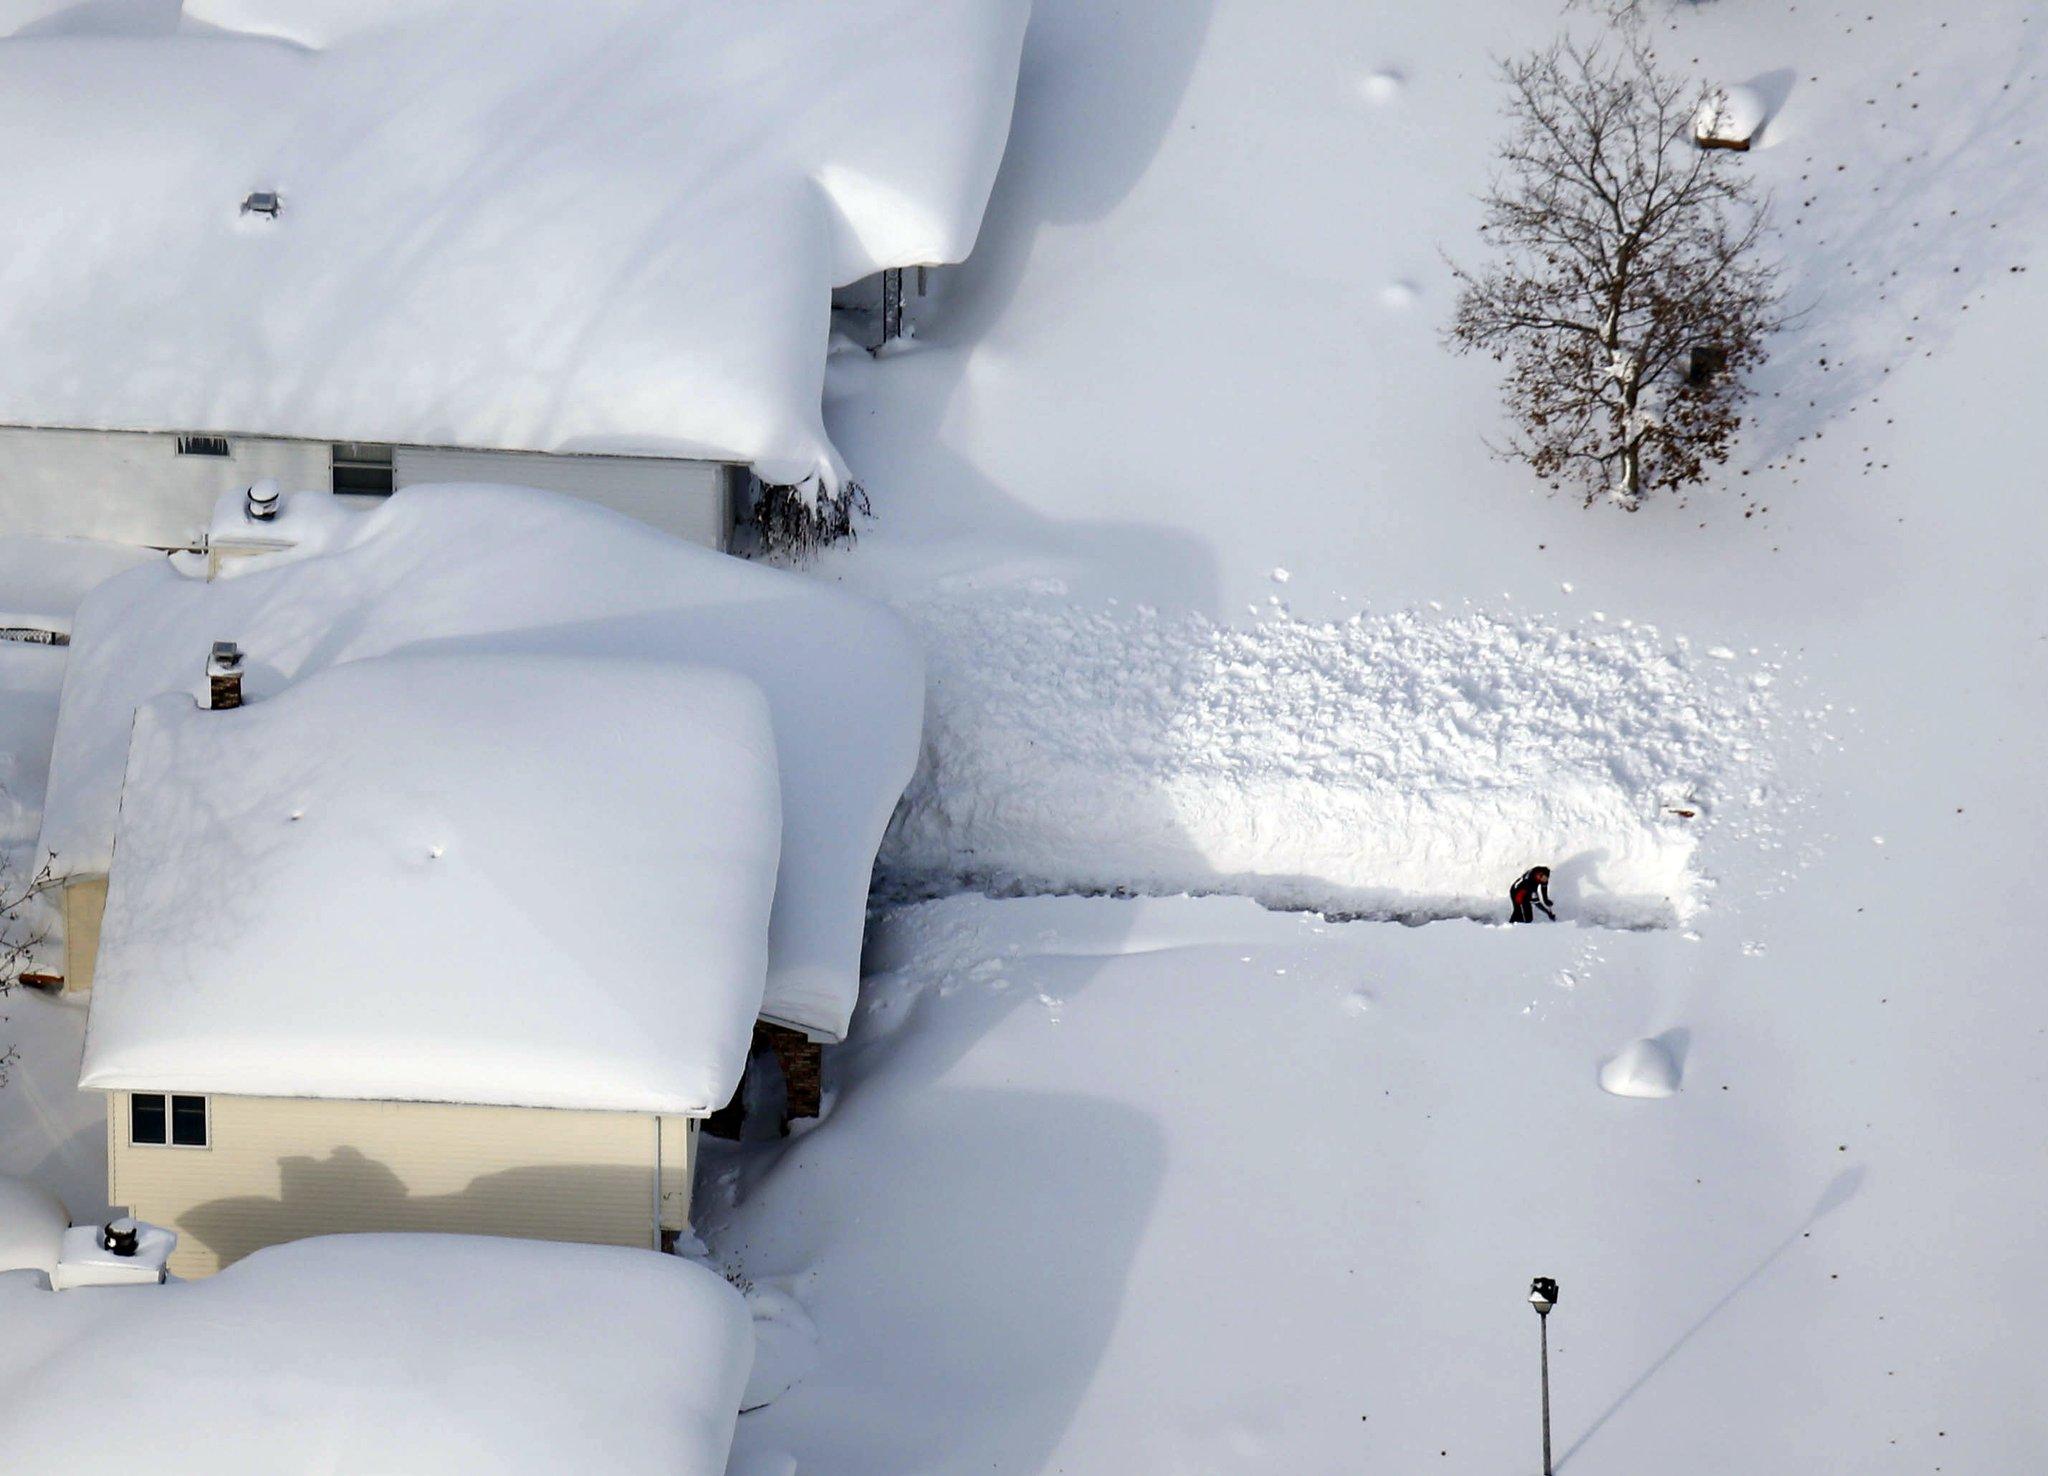 снегом замело картинки прикольные только его